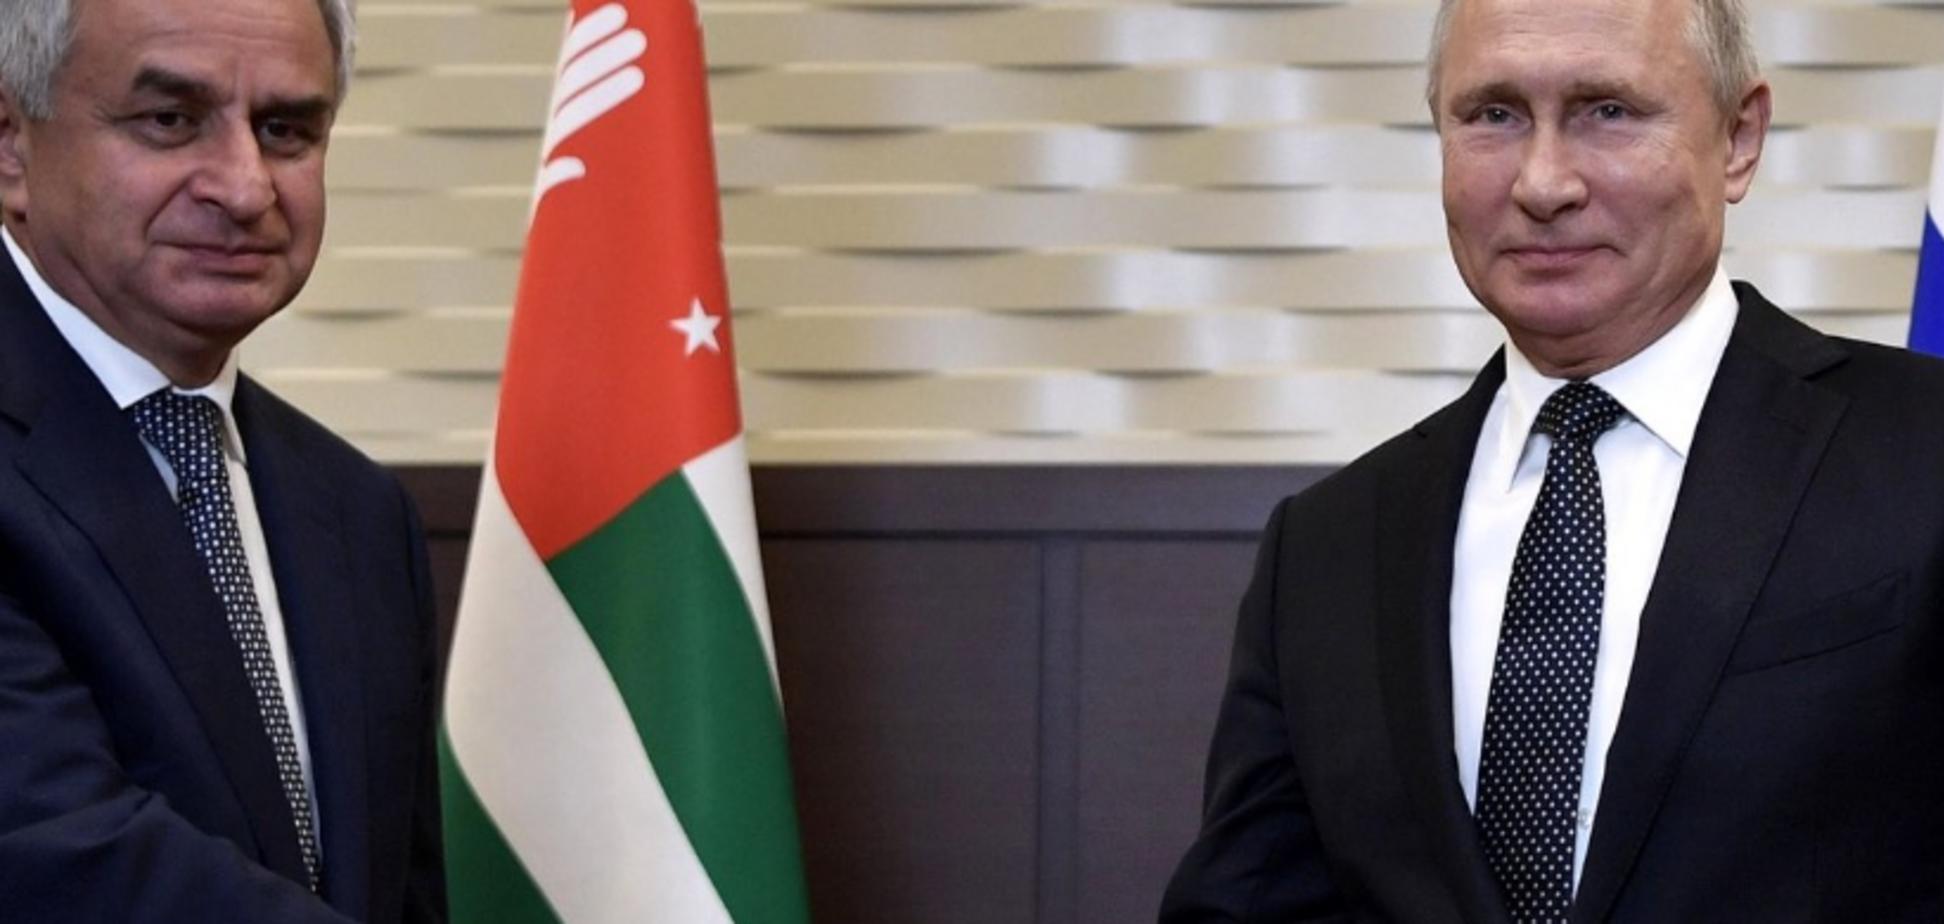 ''Еще бы лысины одинаковые прилепили'': Путин попал в курьезную ситуацию с ''президентом'' Абхазии